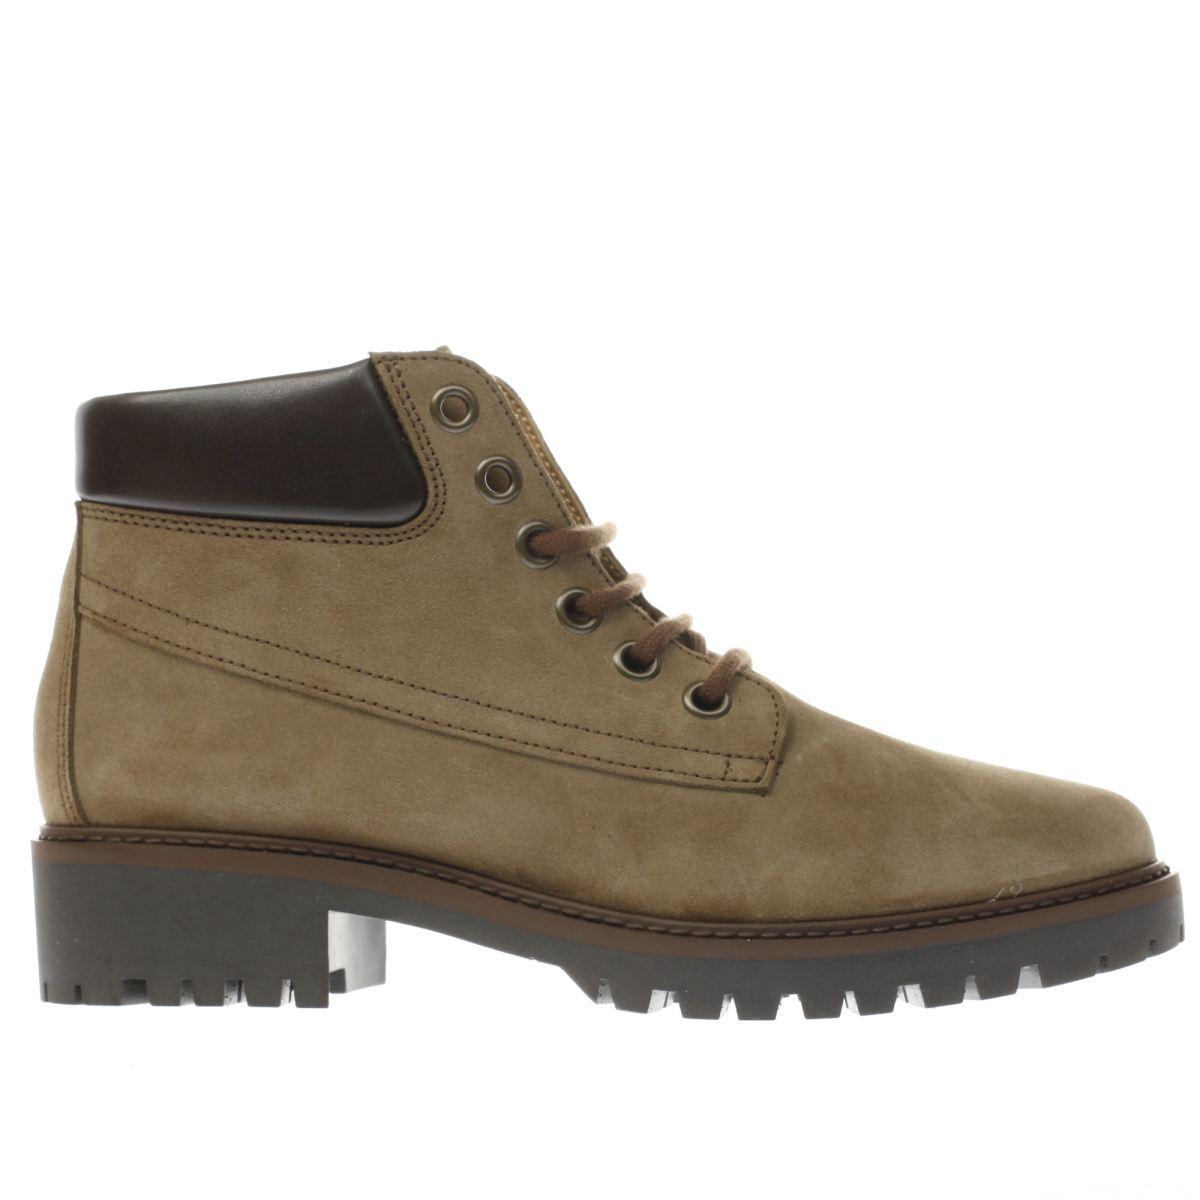 schuh brown climber boots